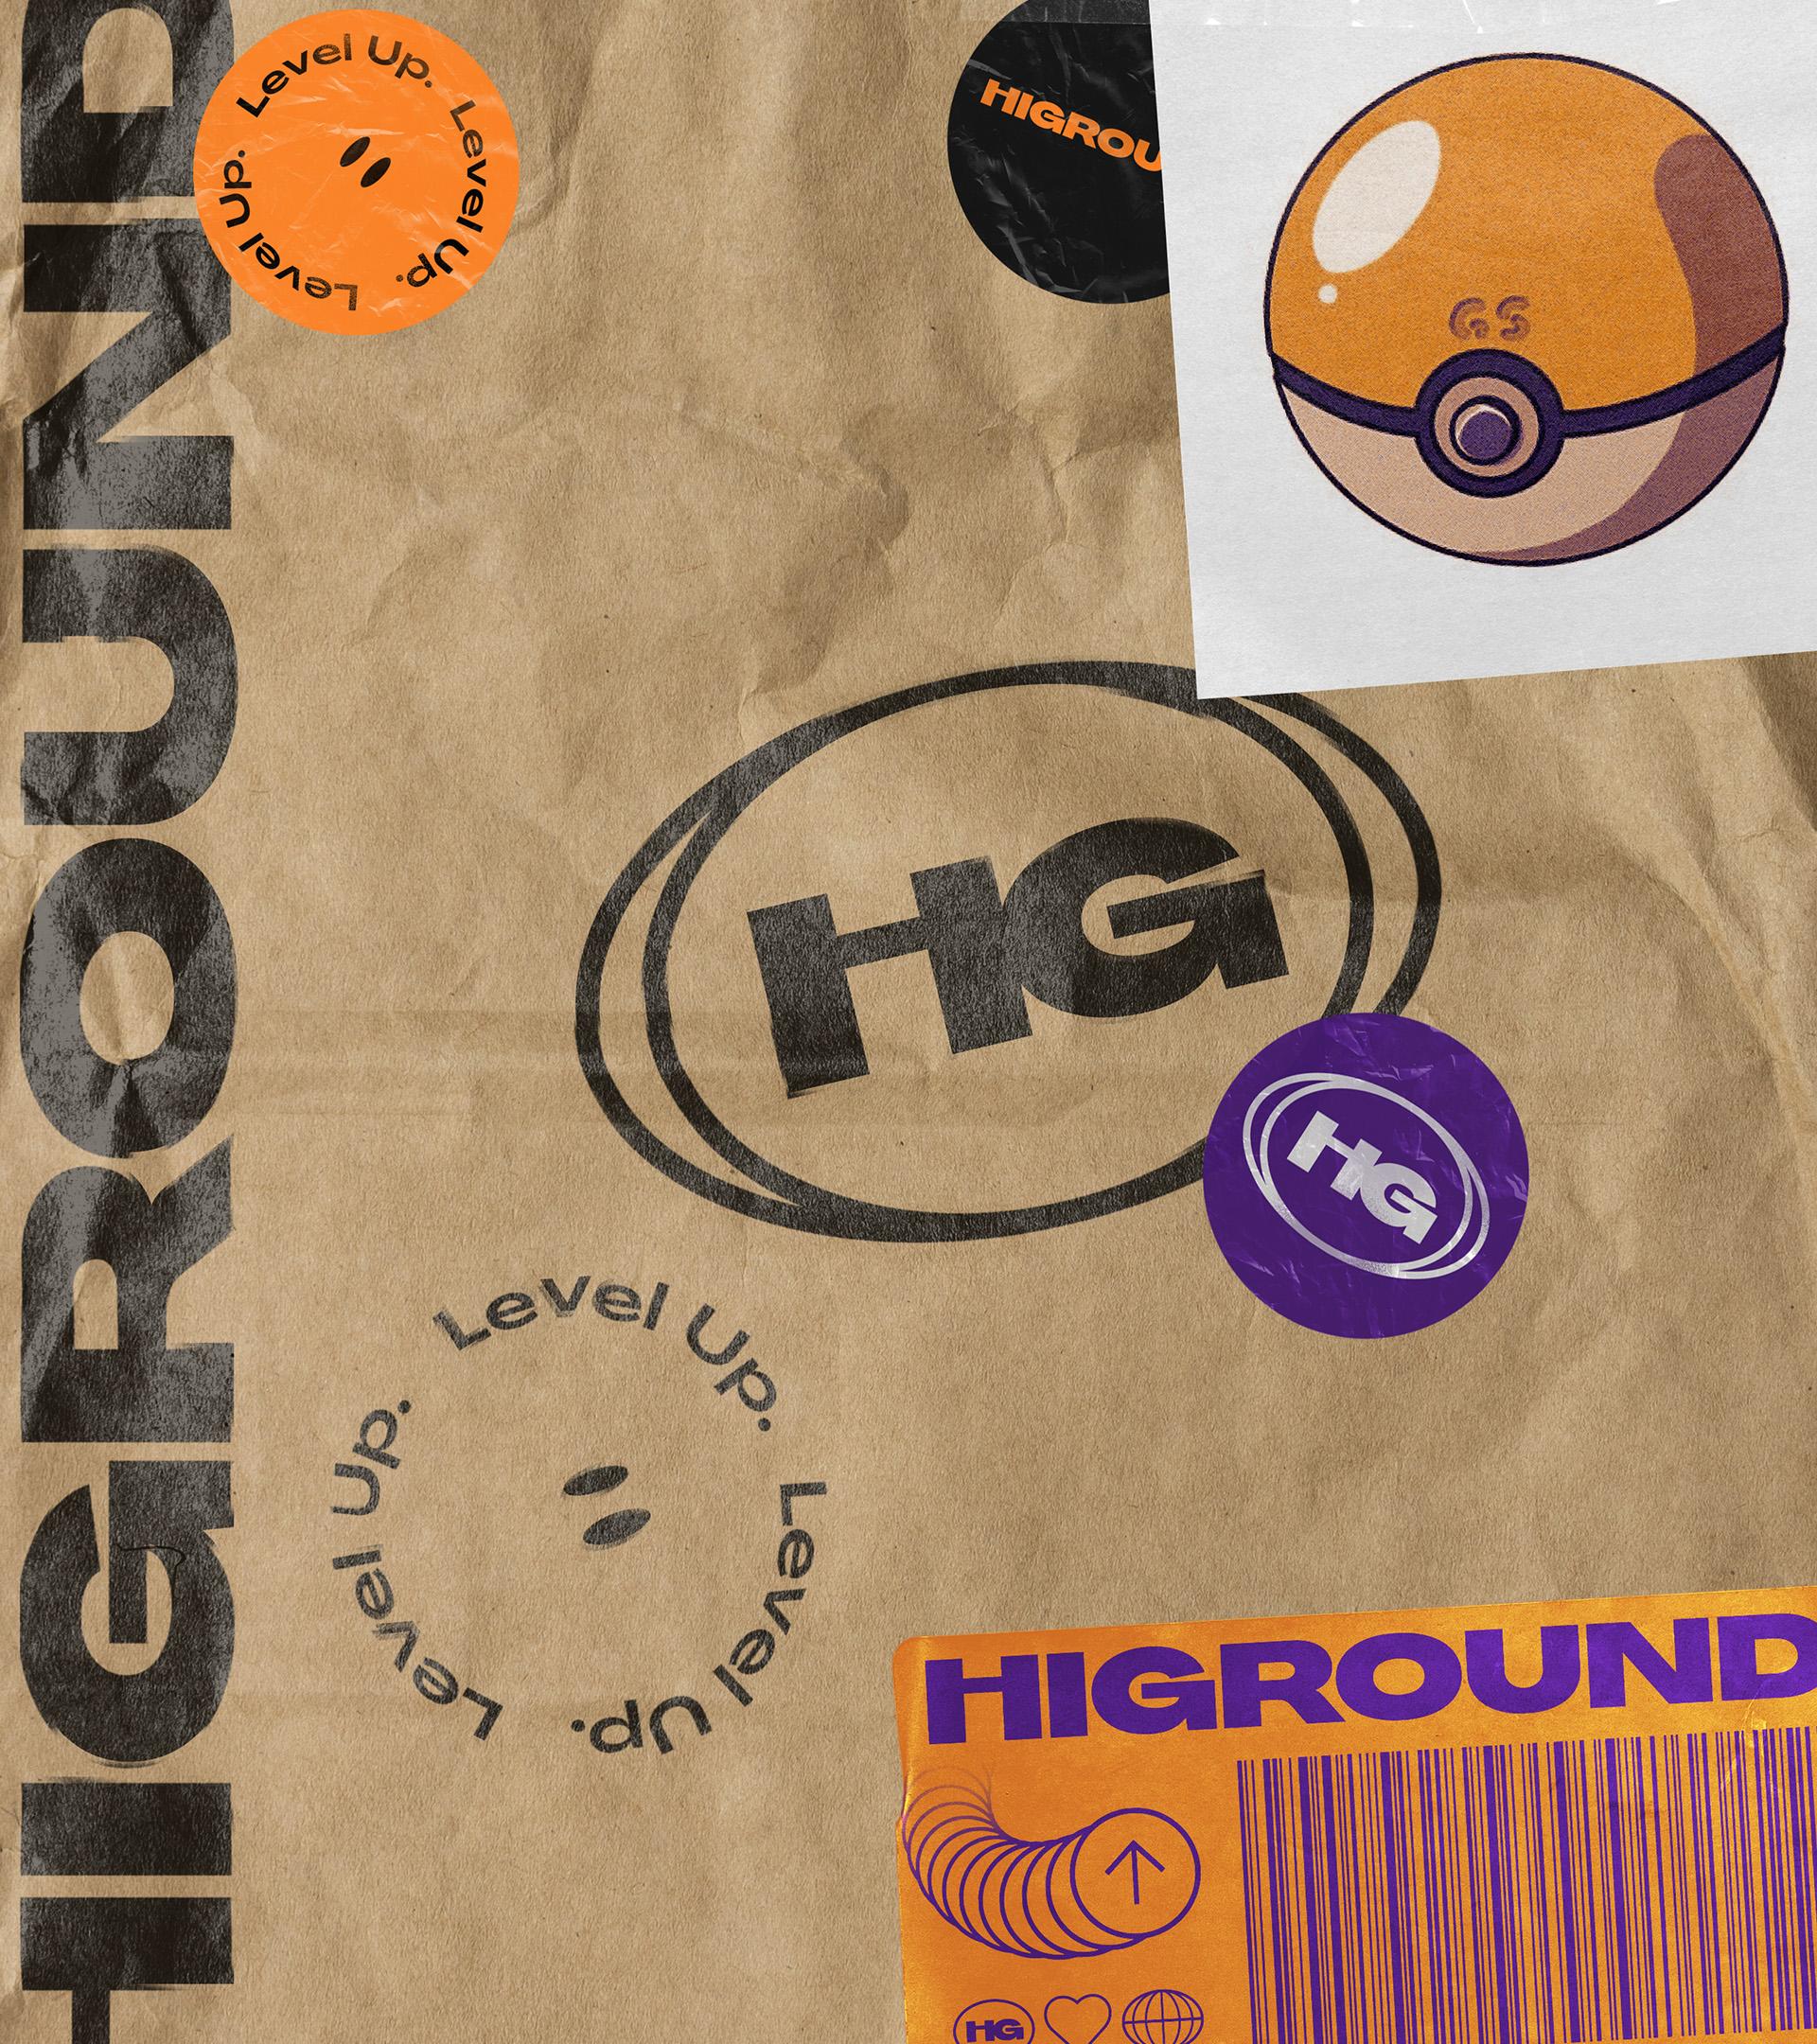 hg-bag-2